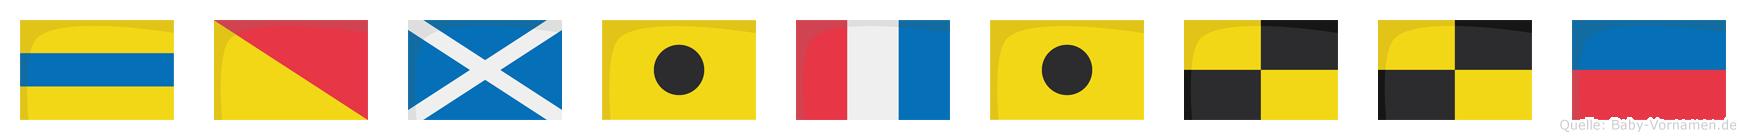 Domitille im Flaggenalphabet